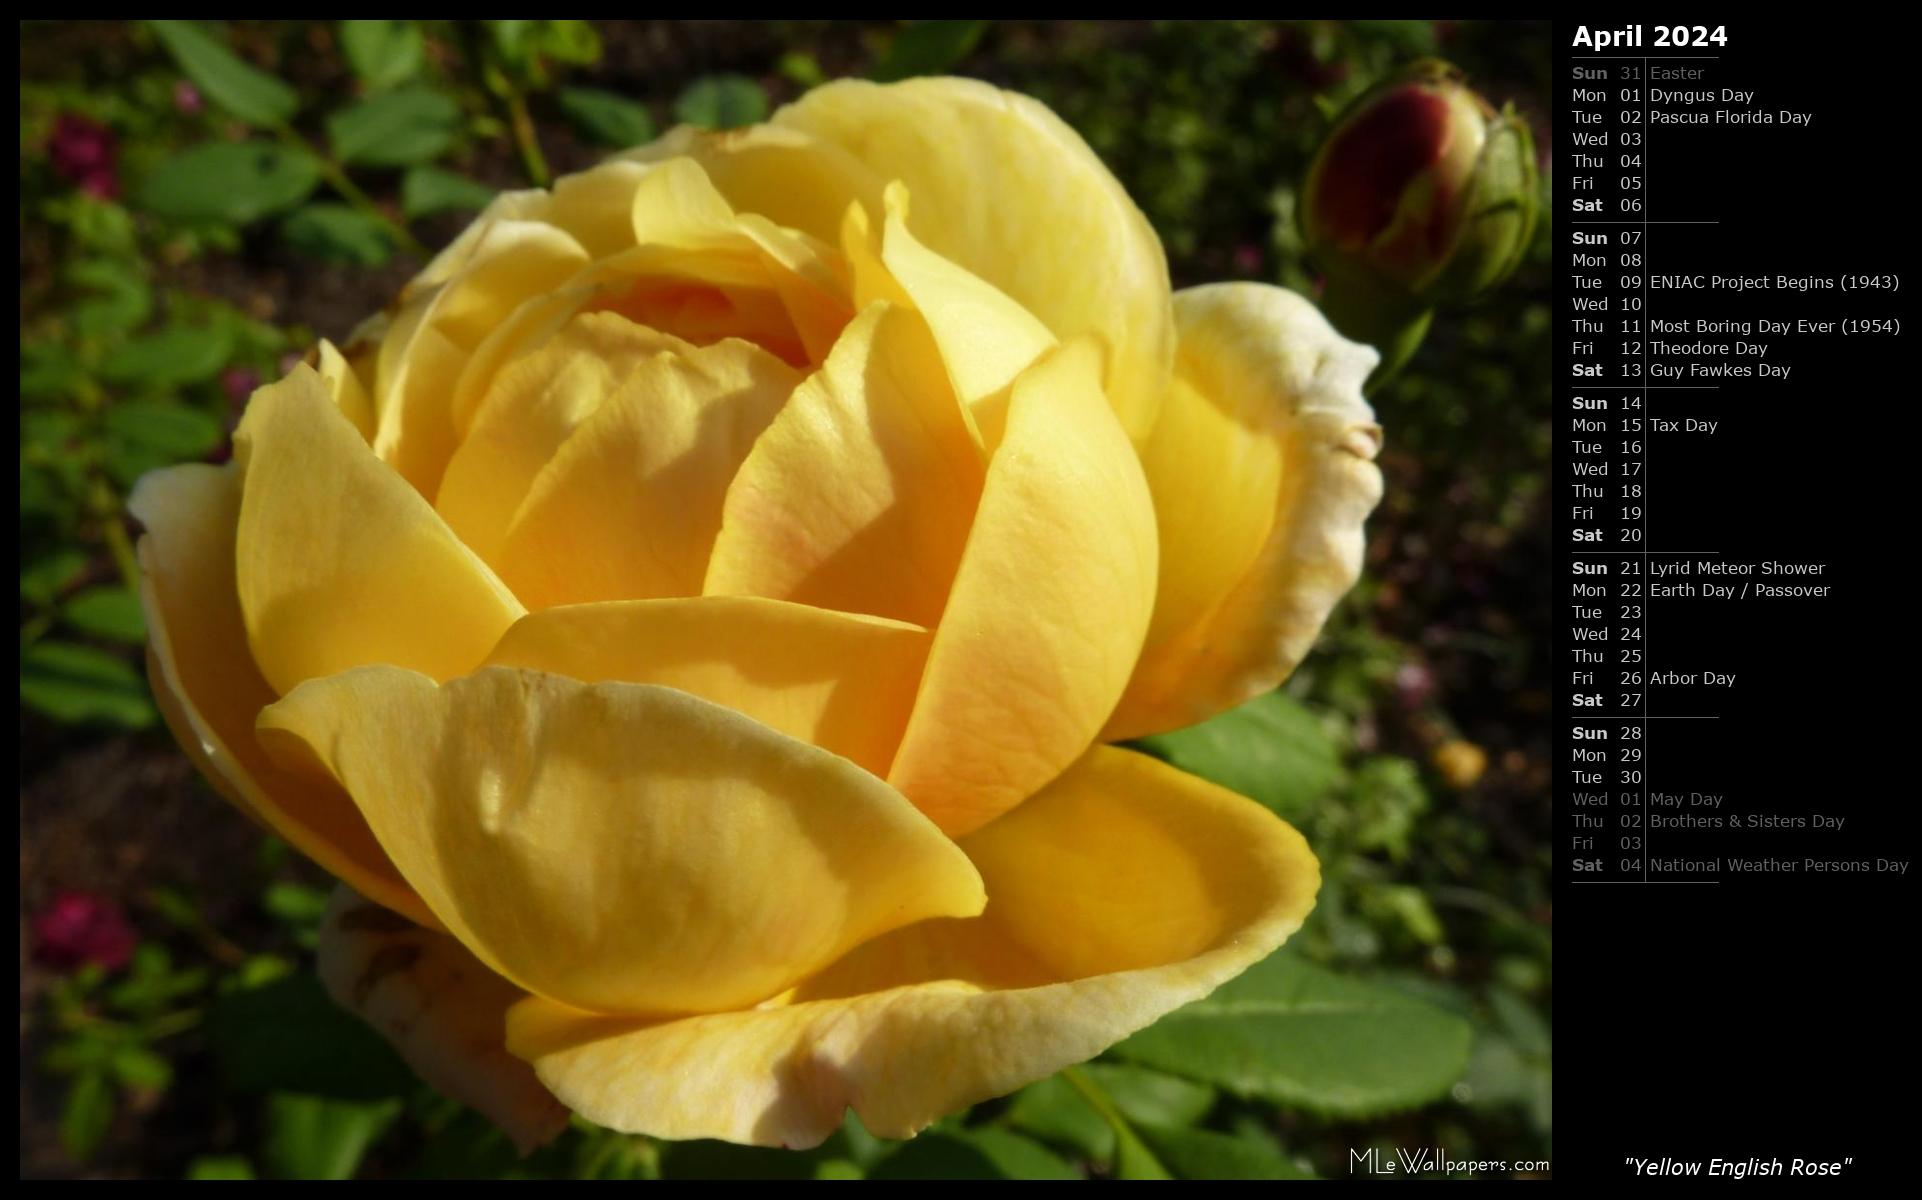 April Rose Calendar : Mlewallpapers yellow english rose calendar